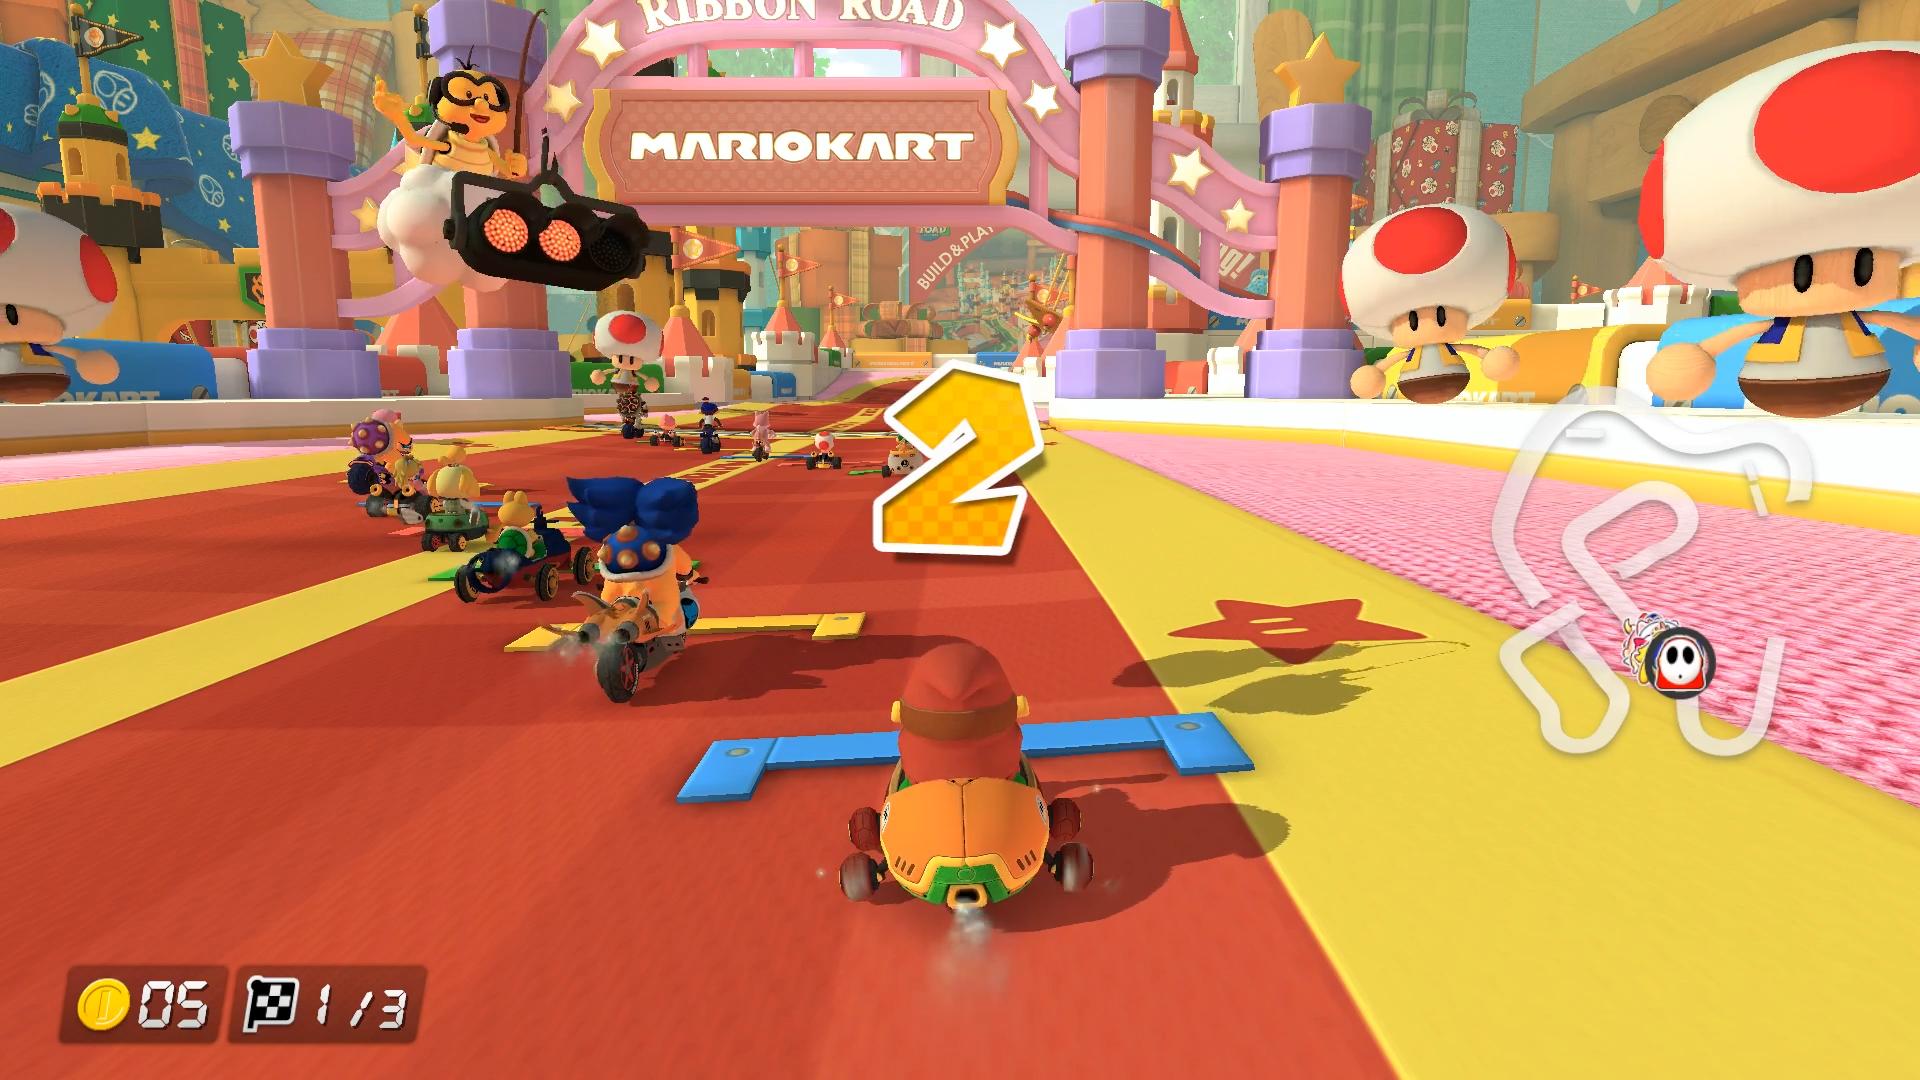 Mario Kart 8 Deluxe Issue 244 Ryujinx Ryujinx Games List Github